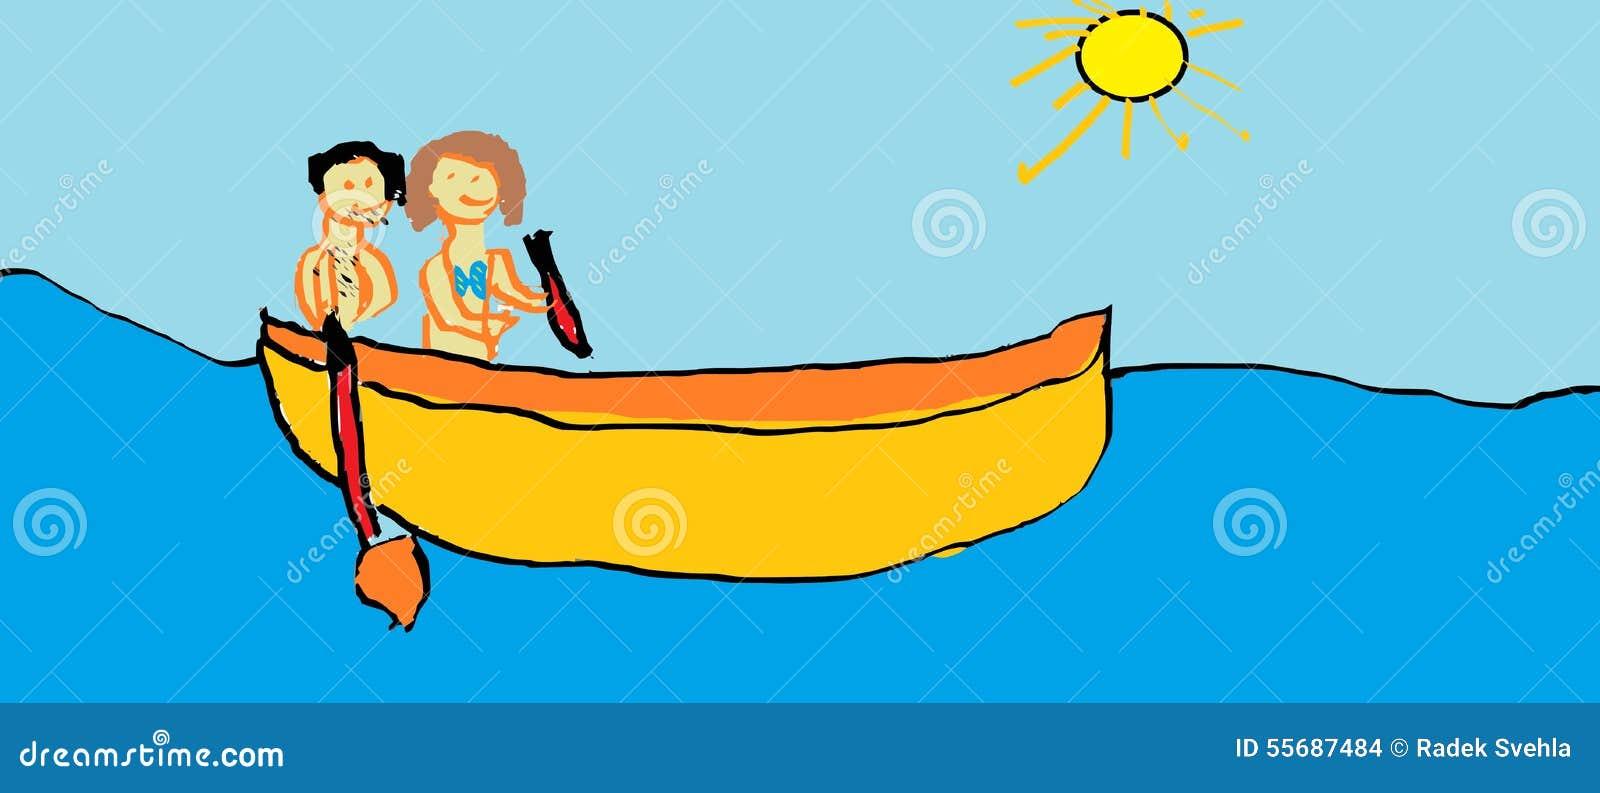 Le dessin de l 39 enfant bateau illustration stock illustration du people scout 55687484 - Dessin bateau enfant ...